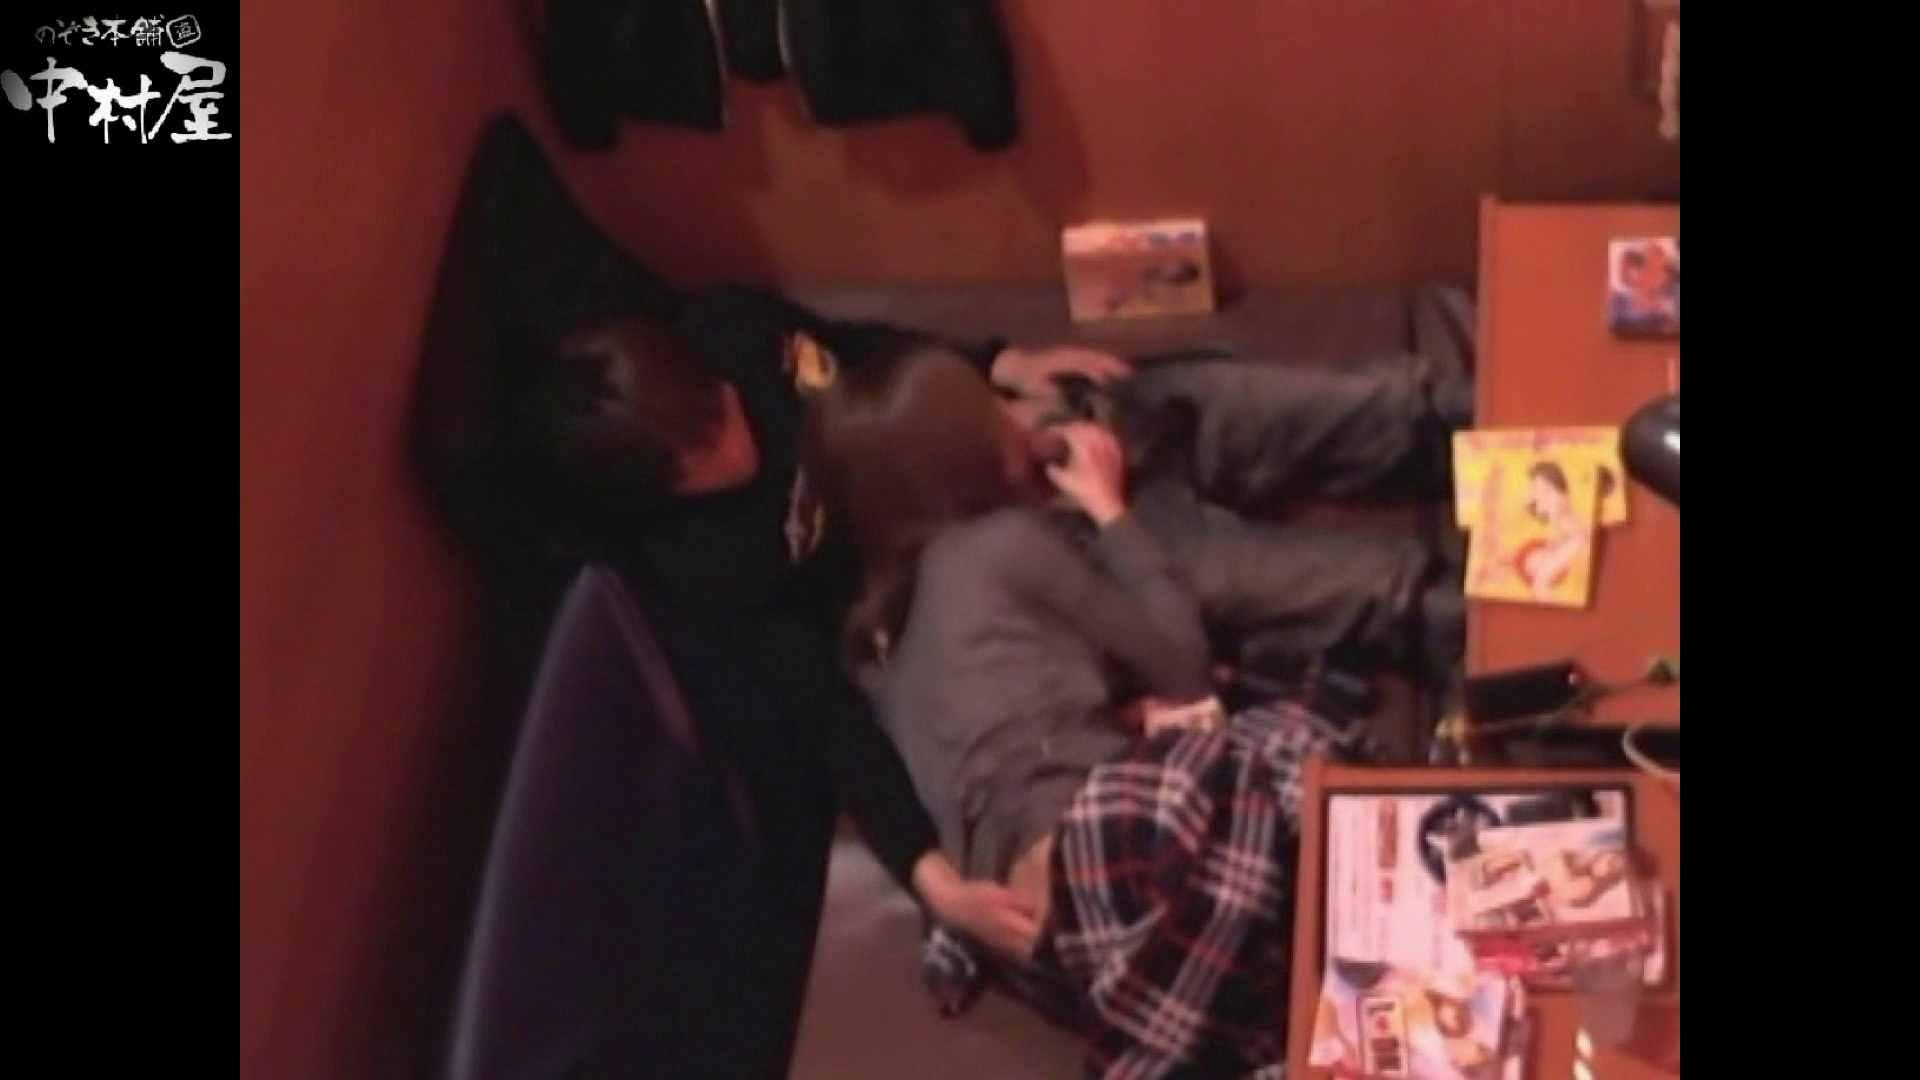 ネットカフェ盗撮師トロントさんの 素人カップル盗撮記vol.2 カップル映像 おまんこ無修正動画無料 76PIX 41